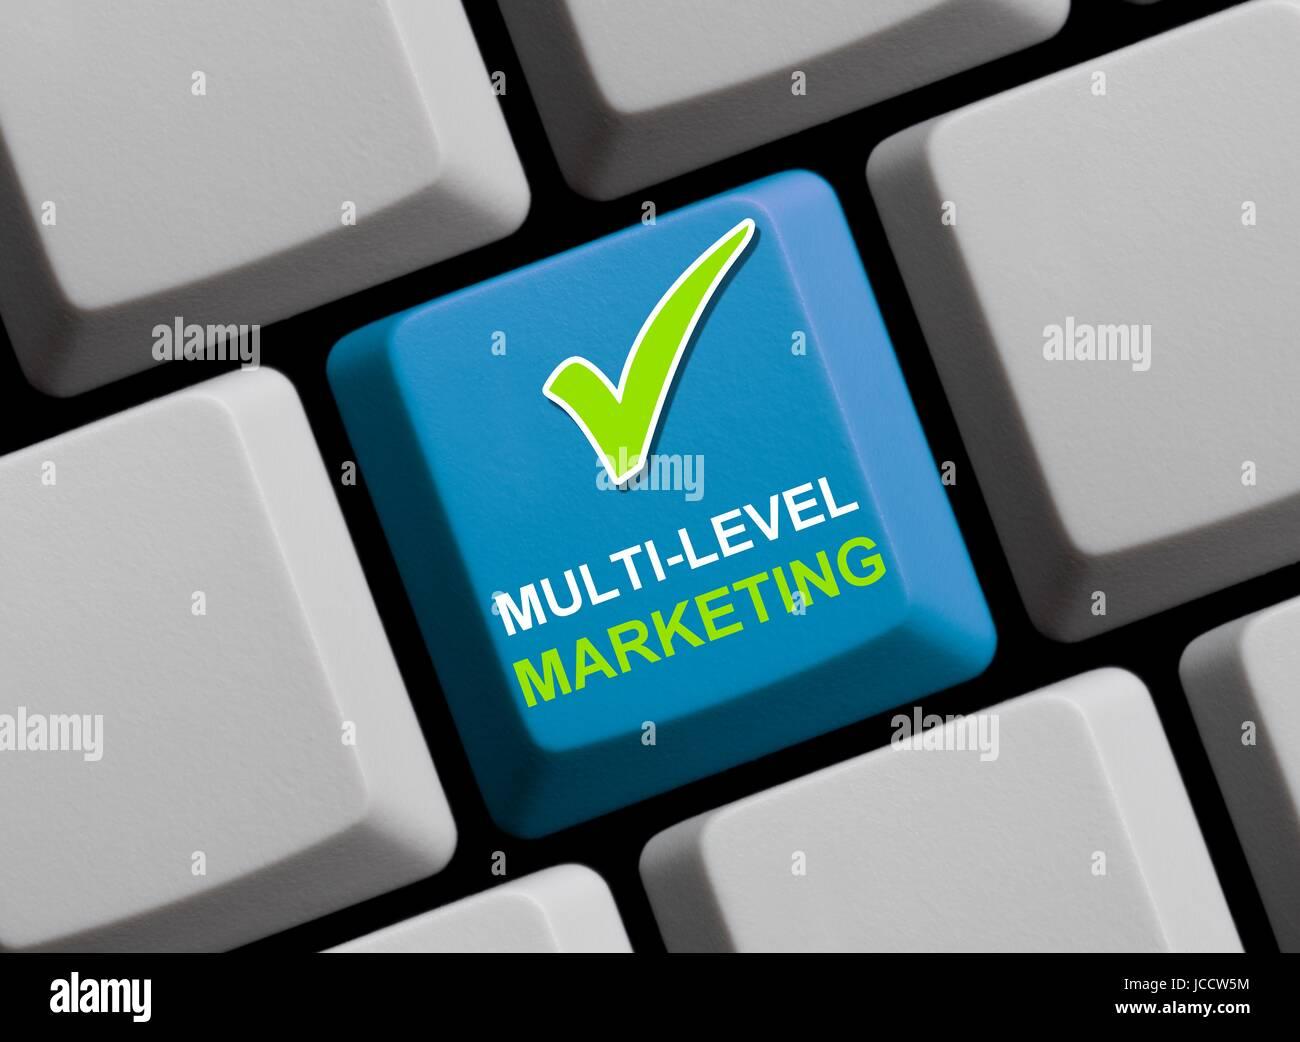 multi-level marketing Stock Photo